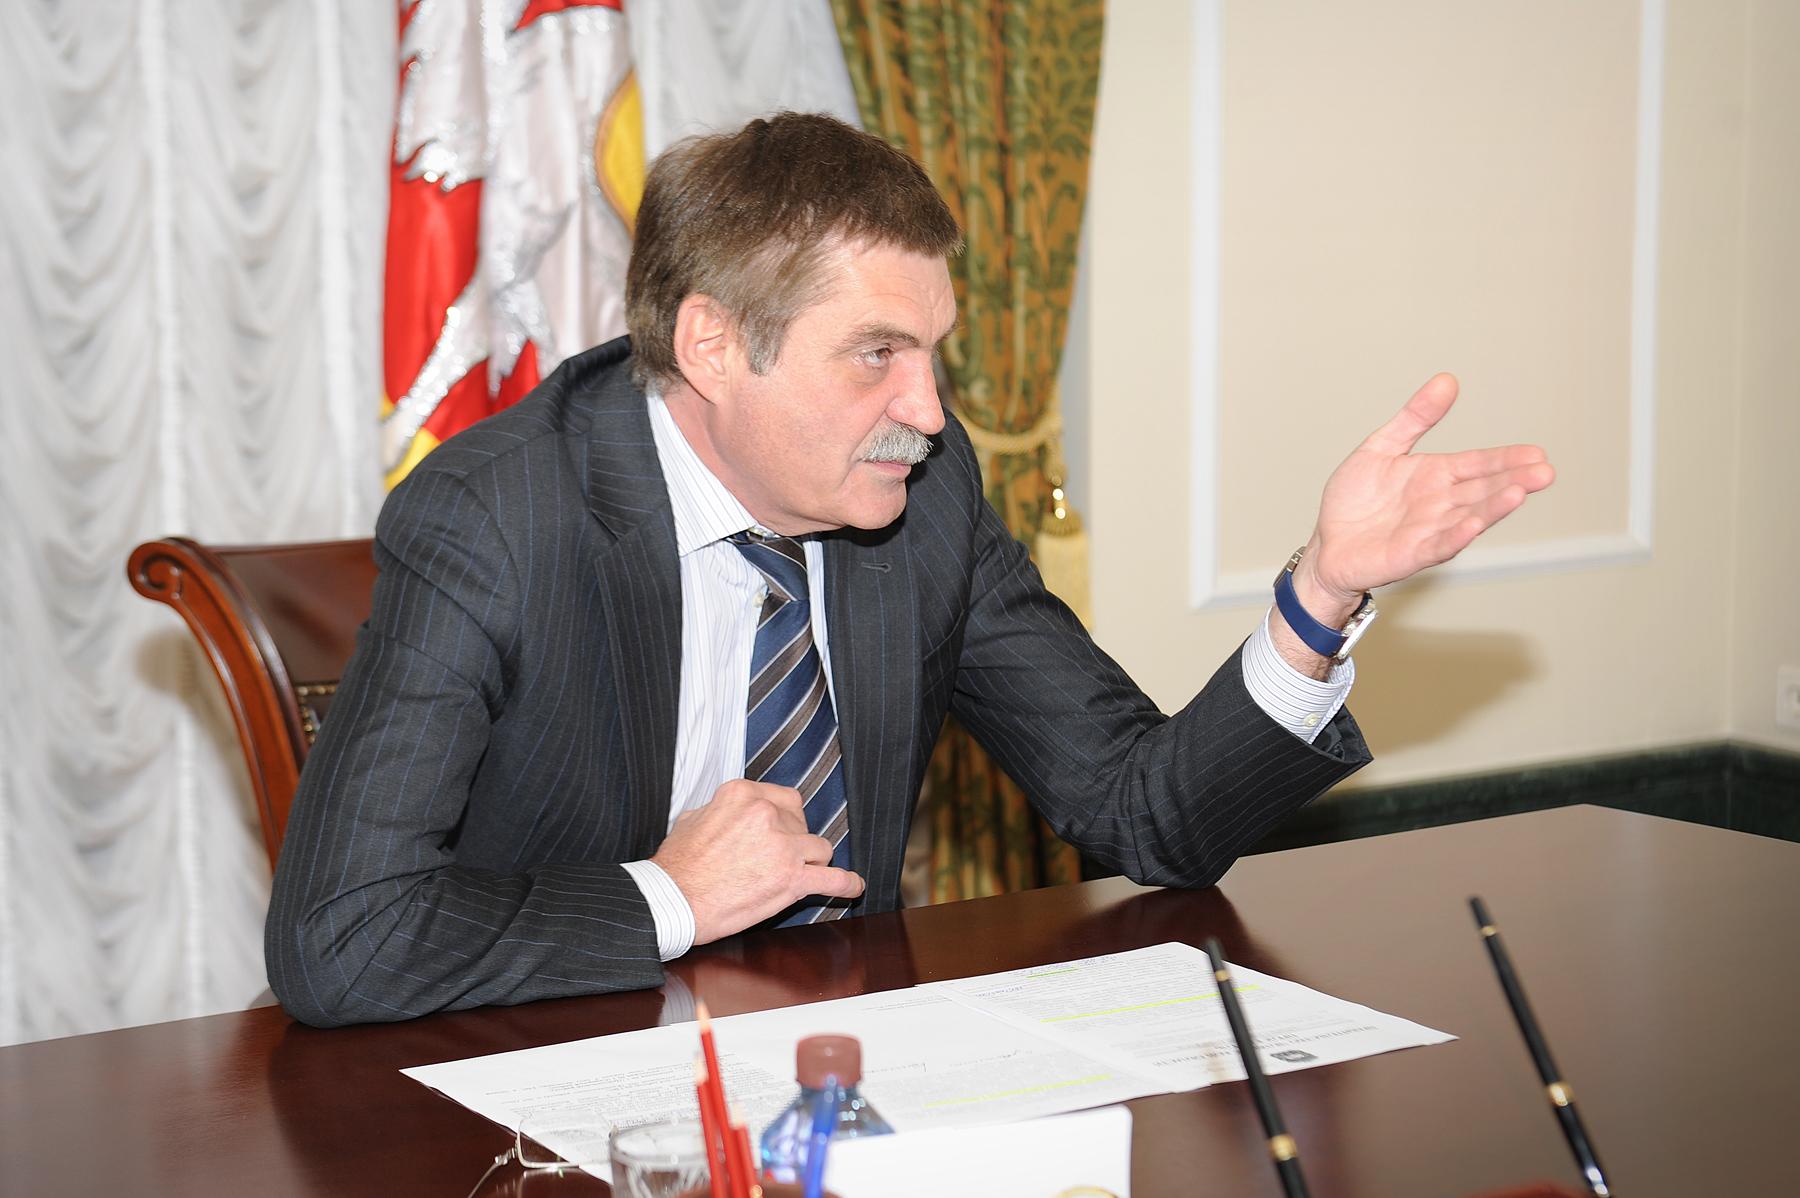 Как сообщил исполняющий обязанности заместителя министра экономического развития области Артем Но